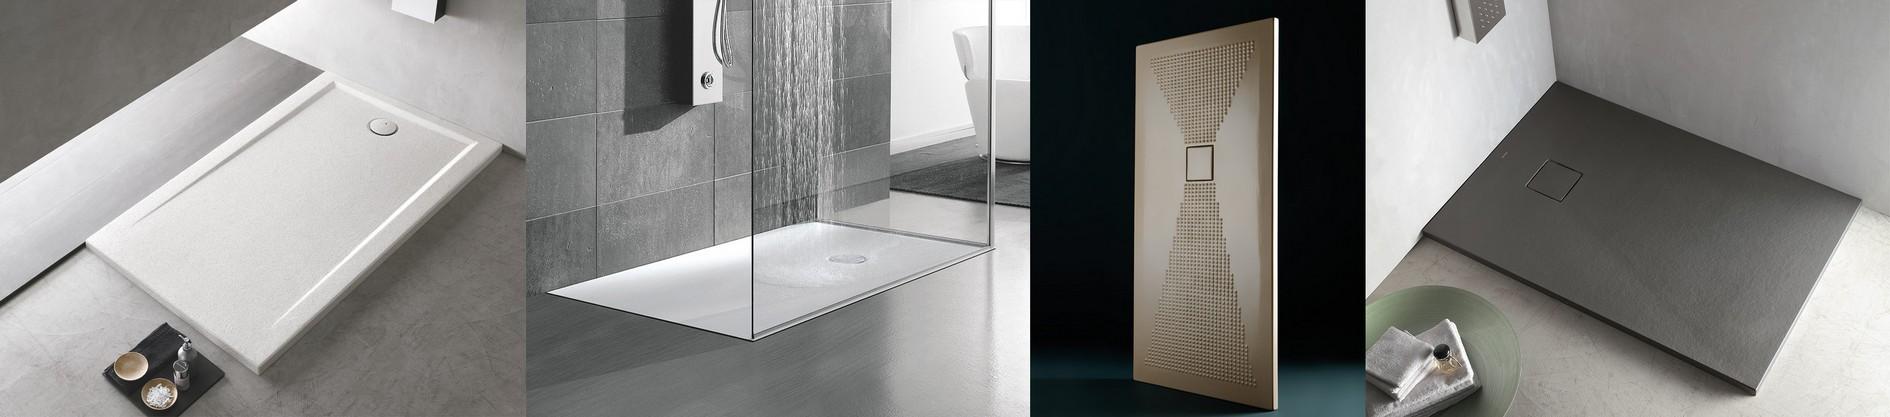 Bathtubes/Shower Trays/ Shower Enclosures - eurocomaco.com